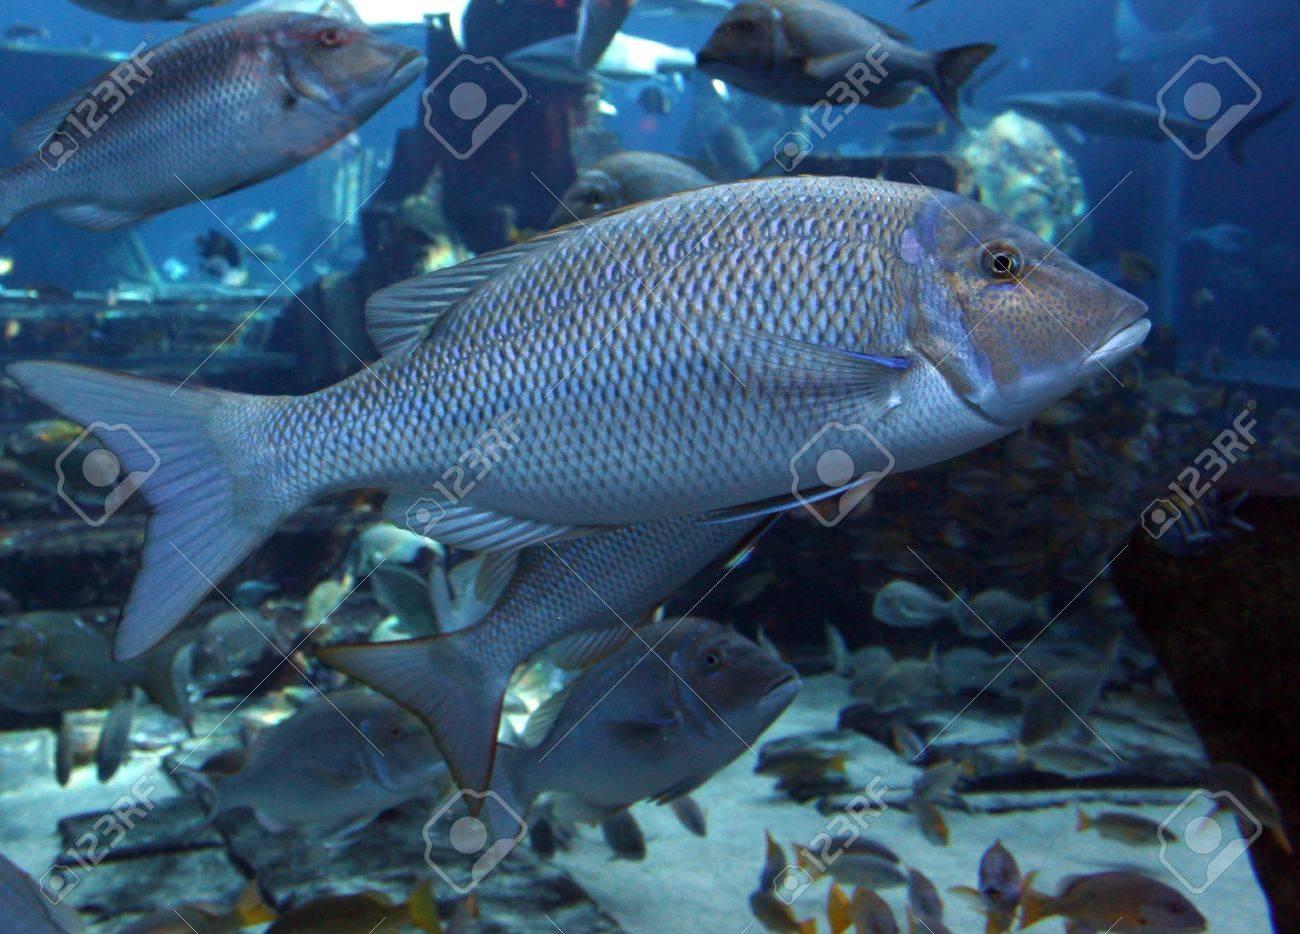 Fish in big aquarium - Big Fish In A Public Aquarium Stock Photo 12402586